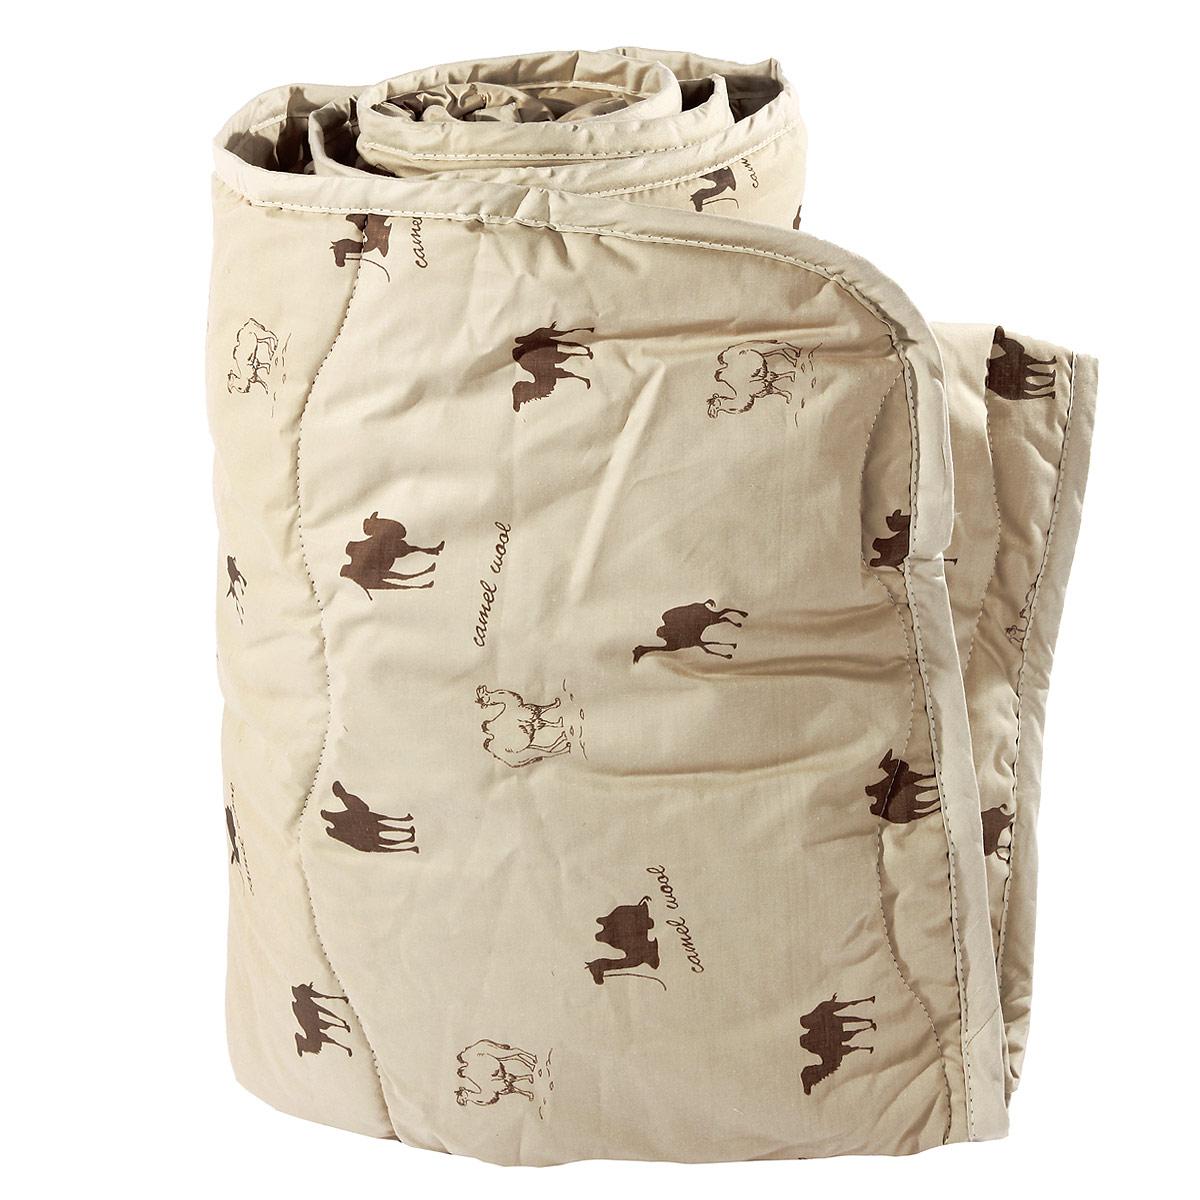 Одеяло Verossa, наполнитель: верблюжья шерсть, 140 см х 205 см170268Одеяло Verossa представляет собой стеганый чехол из натурального хлопка с наполнителем из верблюжьей шерсти. Наполнитель обладает высокой гигроскопичностью, создавая эффект сухого тепла. Волокна верблюжьей шерсти полые внутри, образуют пласт, содержащий множество воздушных кармашков, которые равномерно сохраняют и распределяют тепло, обеспечивая естественную терморегуляцию в жару и холод. Верблюжья шерсть обладает рядом уникальных лечебных свойств, благодаря которым расширяются сосуды, усиливается микроциркуляция крови. Шерсть снимает статическое напряжение, благоприятно воздействует на опорно-двигательный аппарат. Одеяло, выстеганное оригинальным узором Барханы, украсит ваш дом и подарит наслаждение от отдыха. Одеяло упаковано в прозрачный пластиковый чехол на змейке с ручкой, что является чрезвычайно удобным при переноске. Характеристики: Материал чехла: перкаль (100% хлопок). Наполнитель: верблюжья шерсть. Масса...